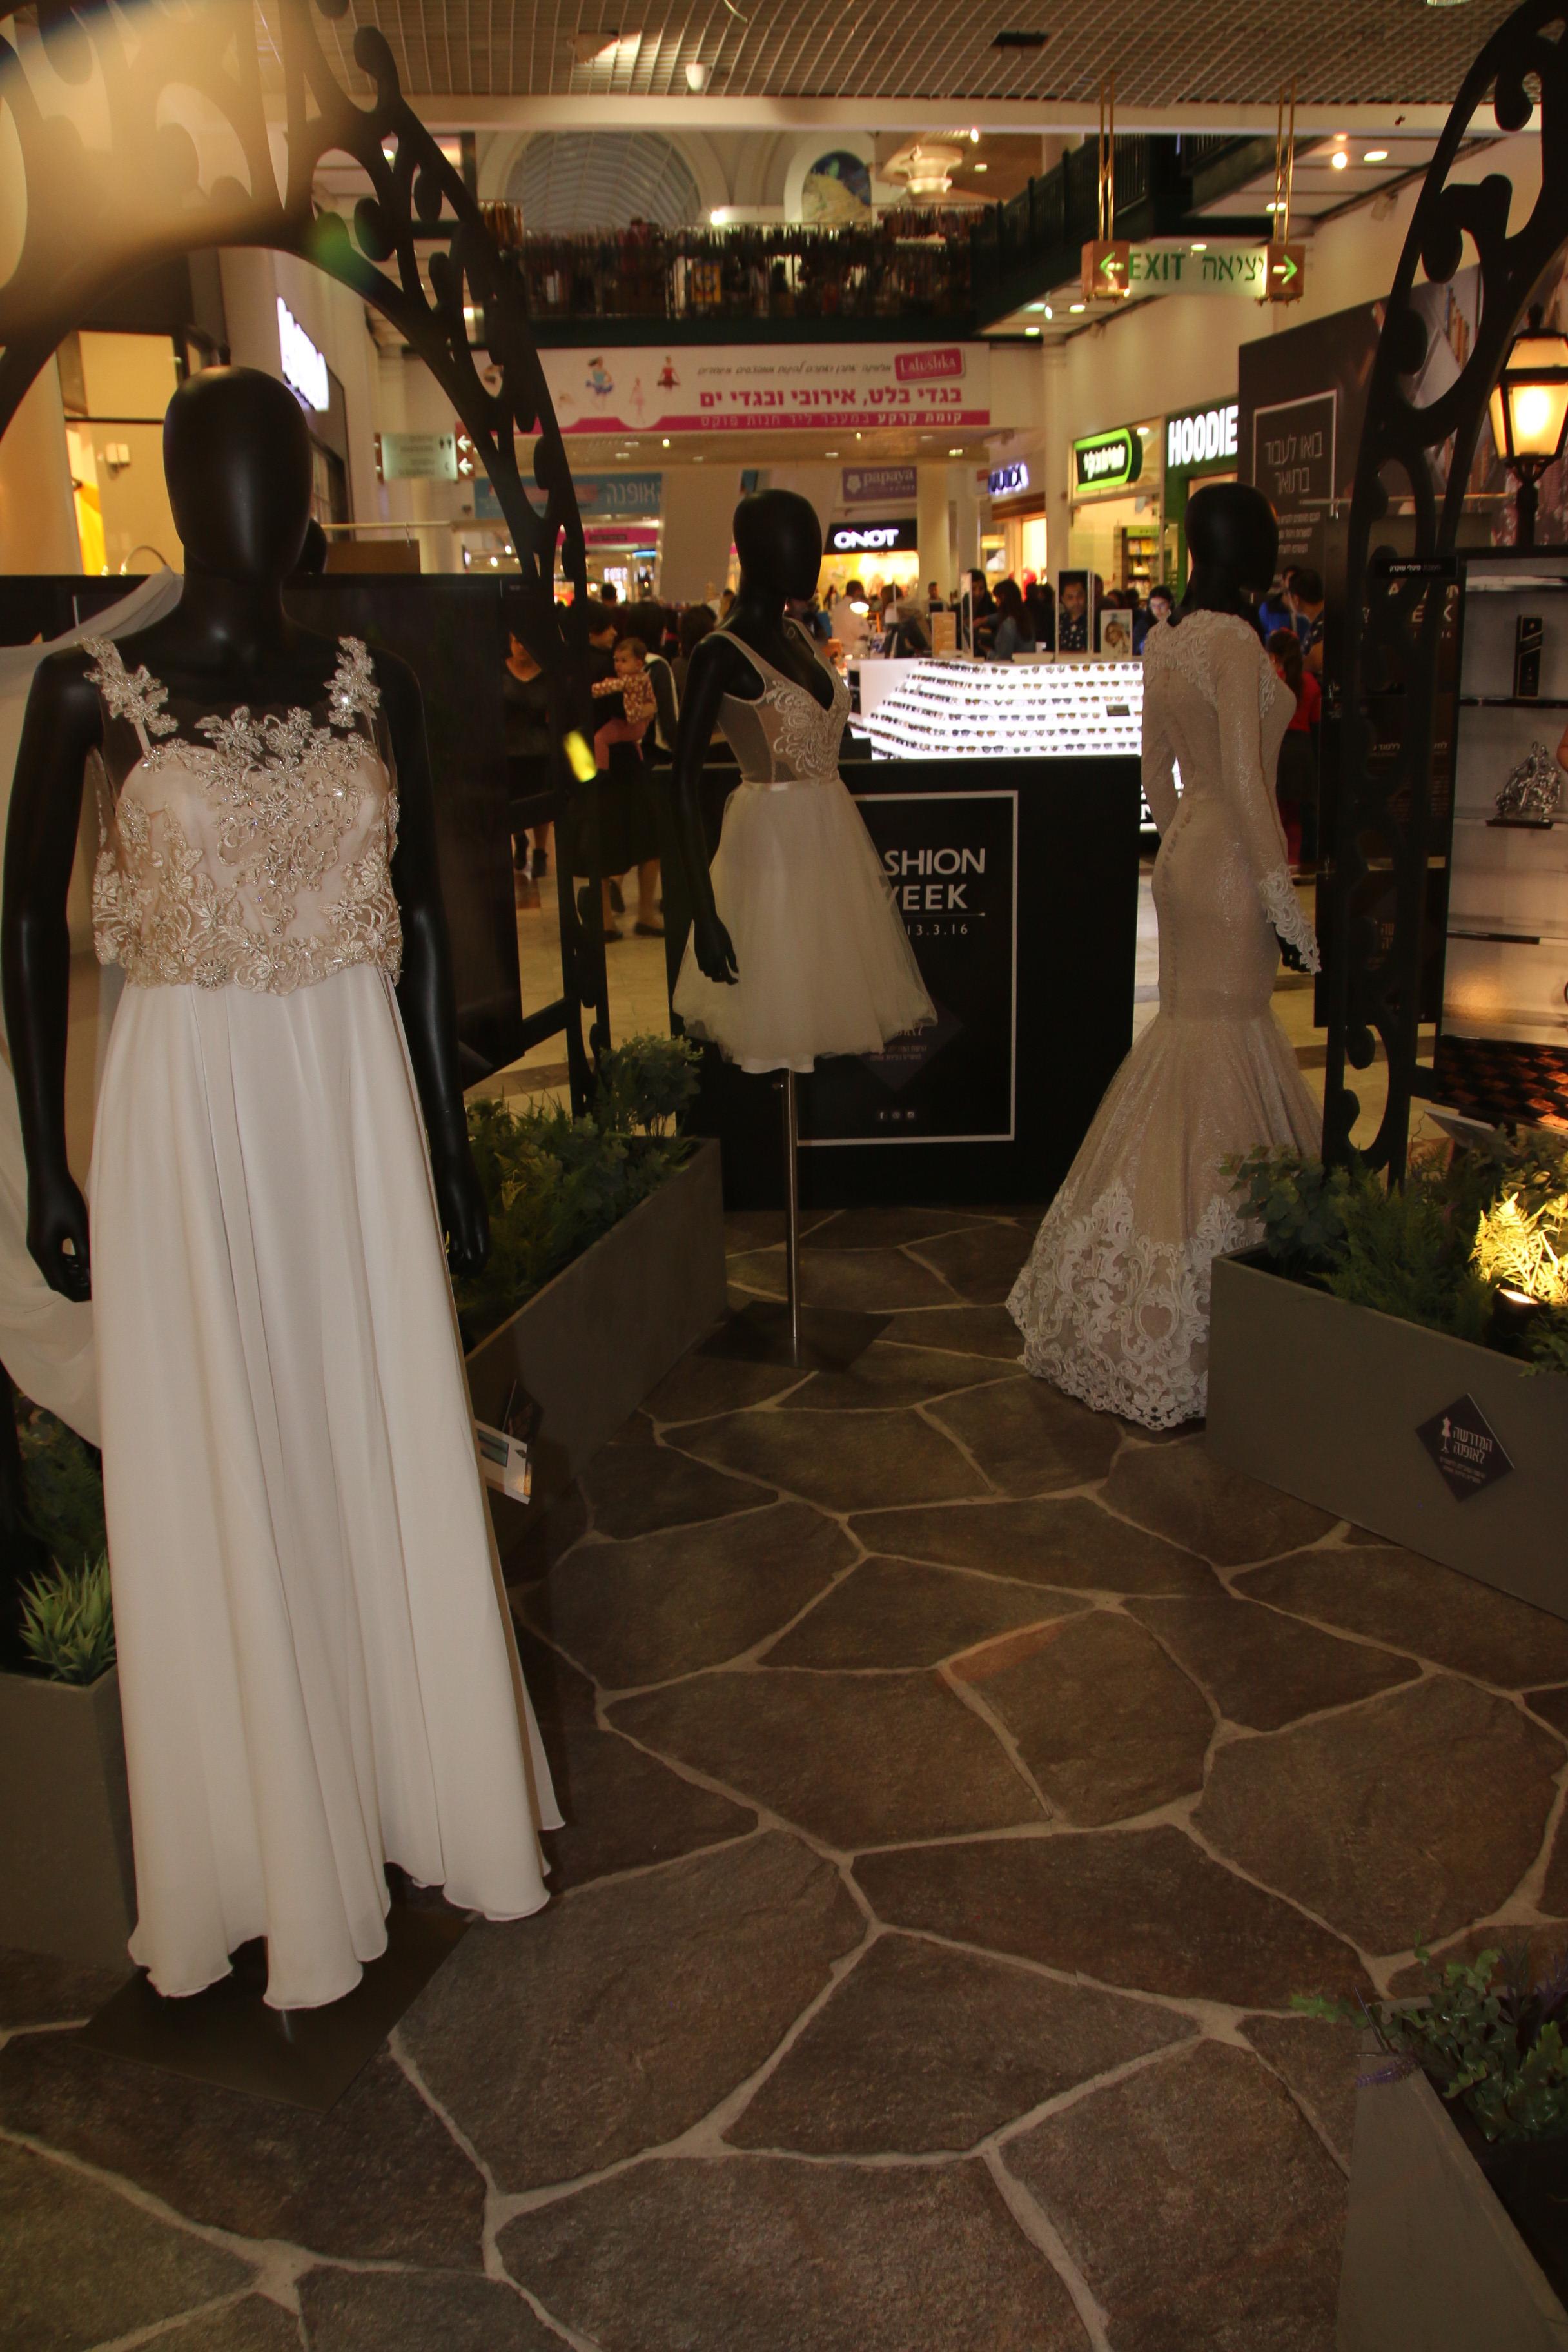 שבוע האופנה בירושלים של המדרשה לאופנה